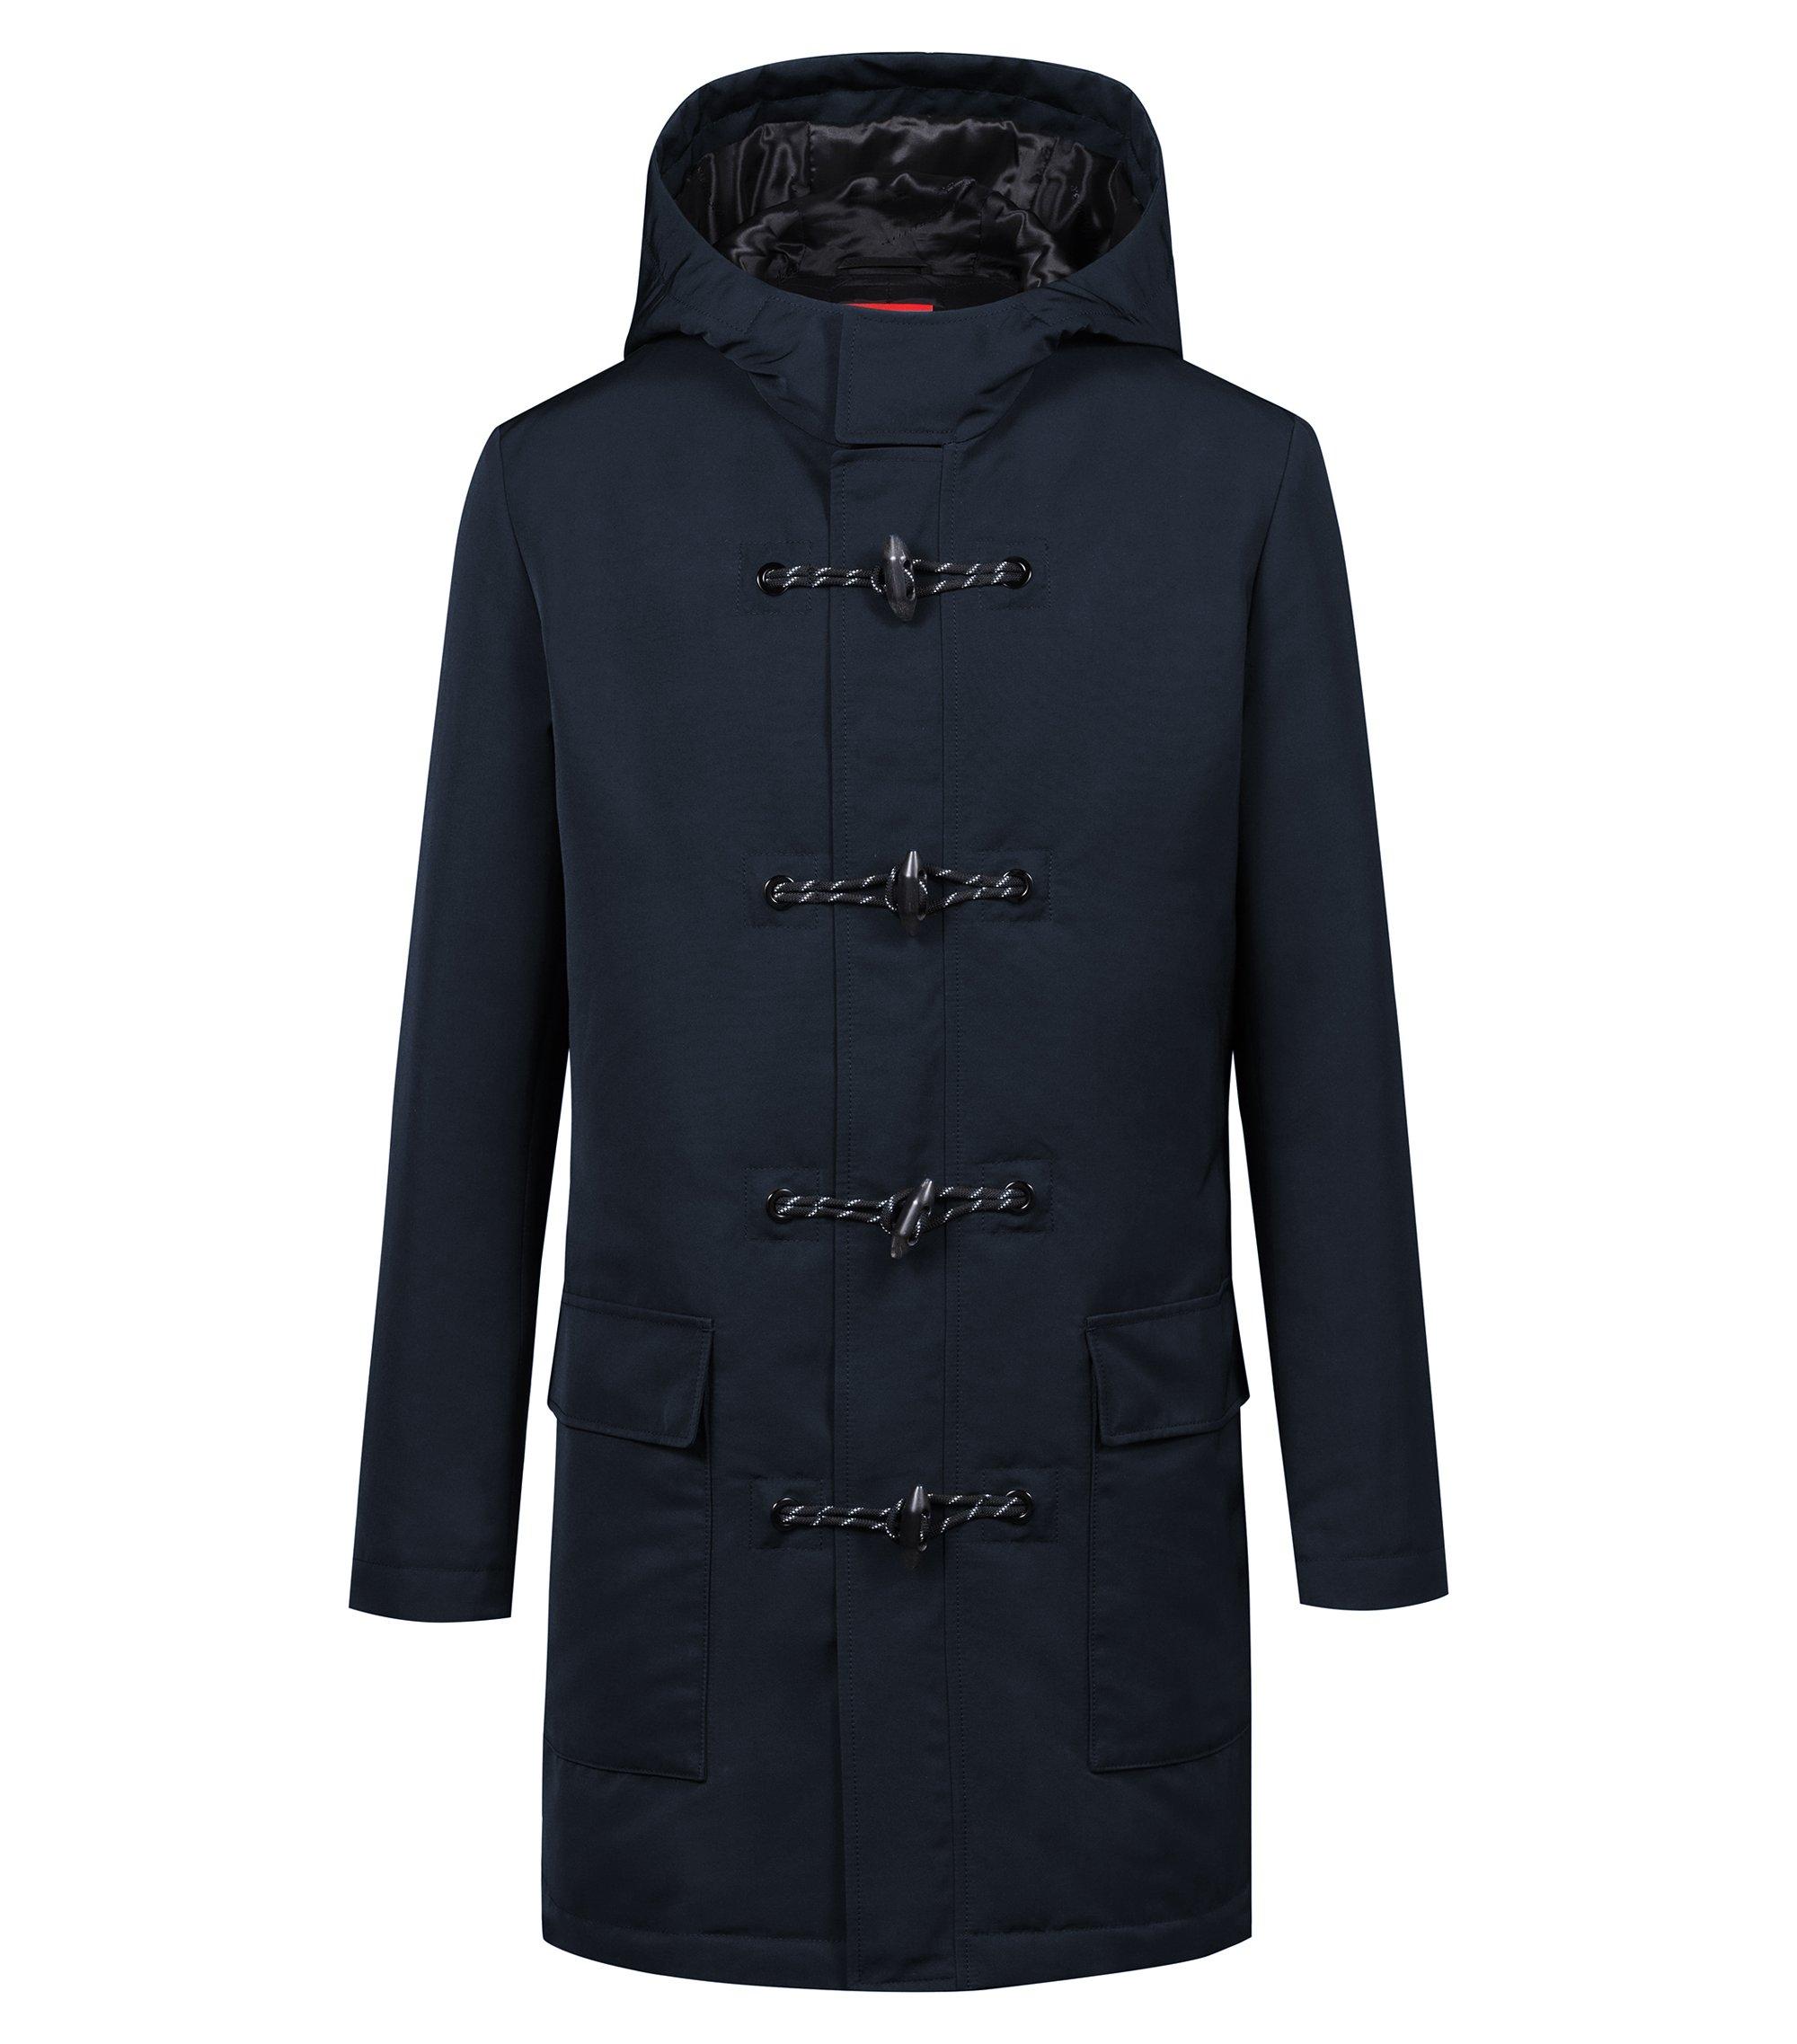 Manteau en tissu imperméable de la collection capsule Bits & Bytes, Bleu foncé